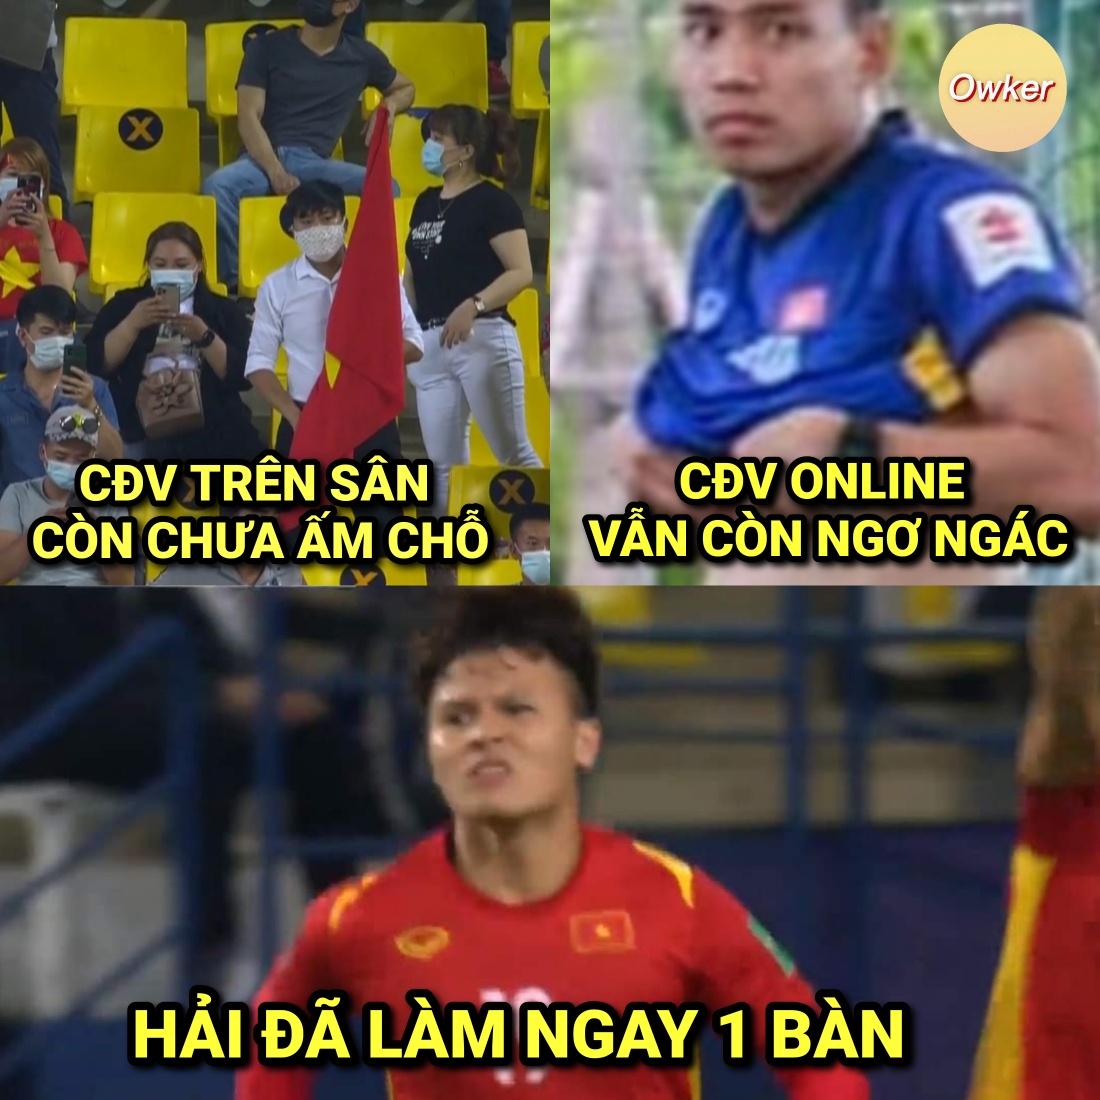 Đây là cảm xúc của rất nhiều CĐV Việt Nam ngay lúc này: Chưa ngồi ấm chỗ đã có bàn thắng của Quang Hải.